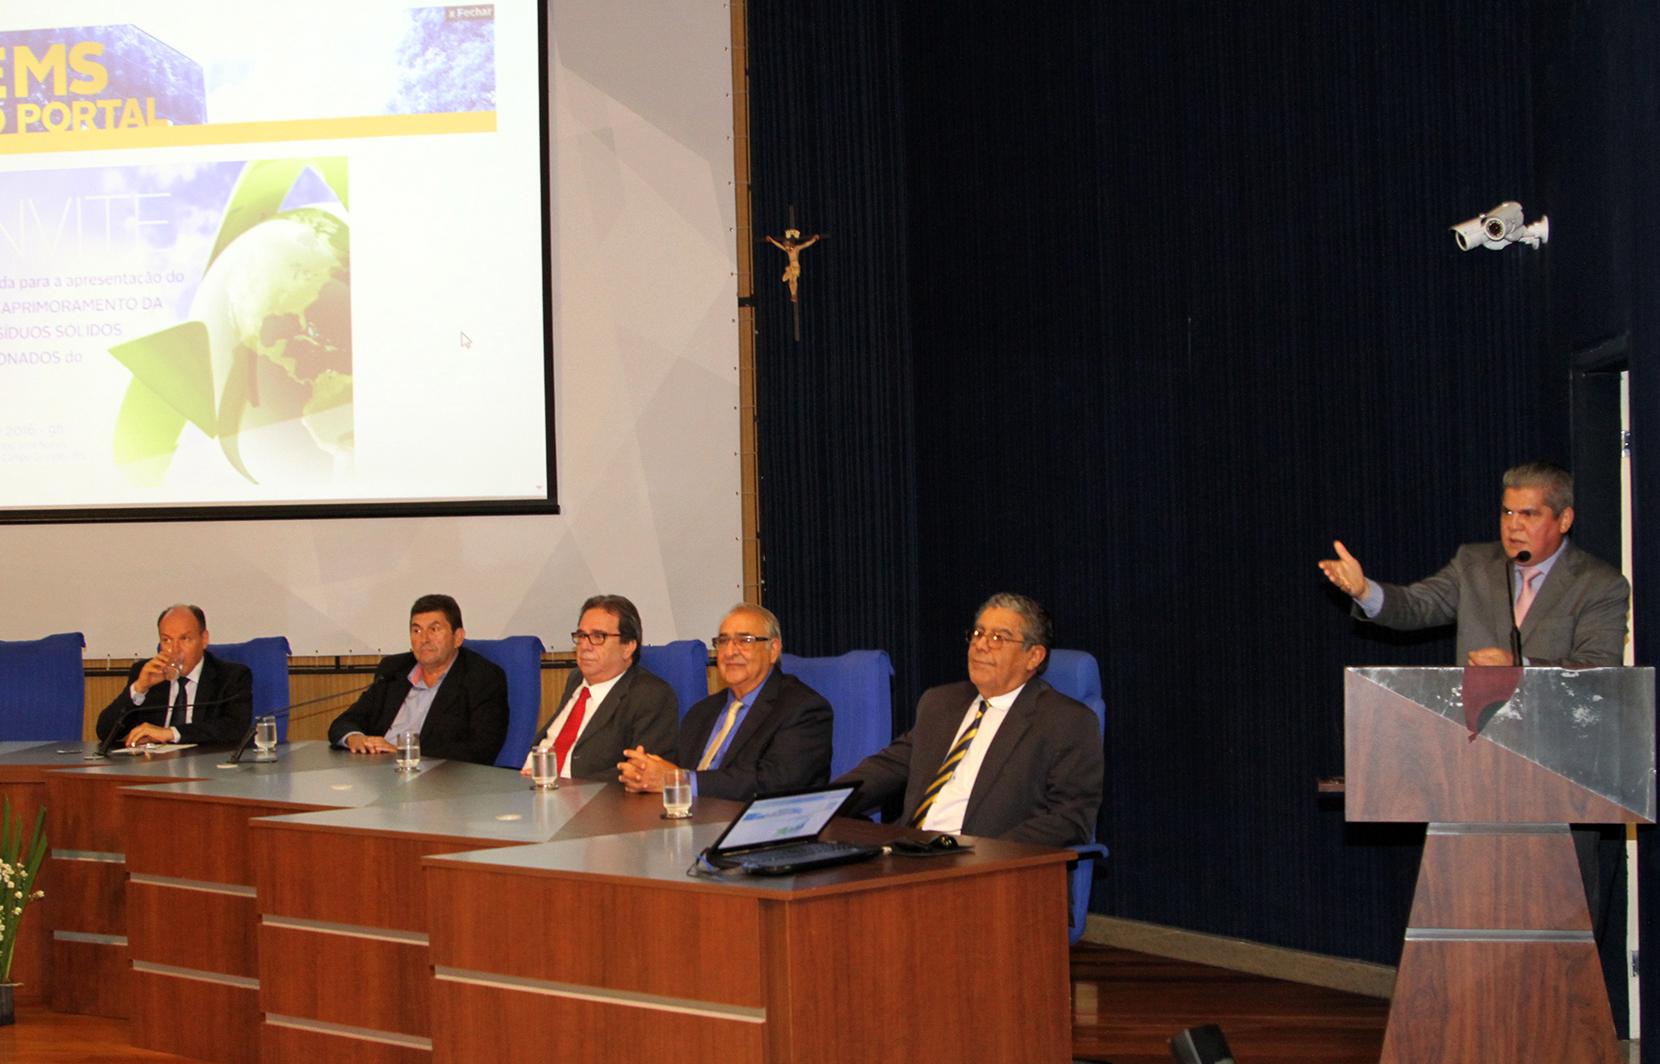 """TCE-MS reúne prefeitos e propõe """"Programa de Aprimoramento da Gestão de Resíduos Sólidos"""" para melhoria da qualidade de vida da sociedade"""